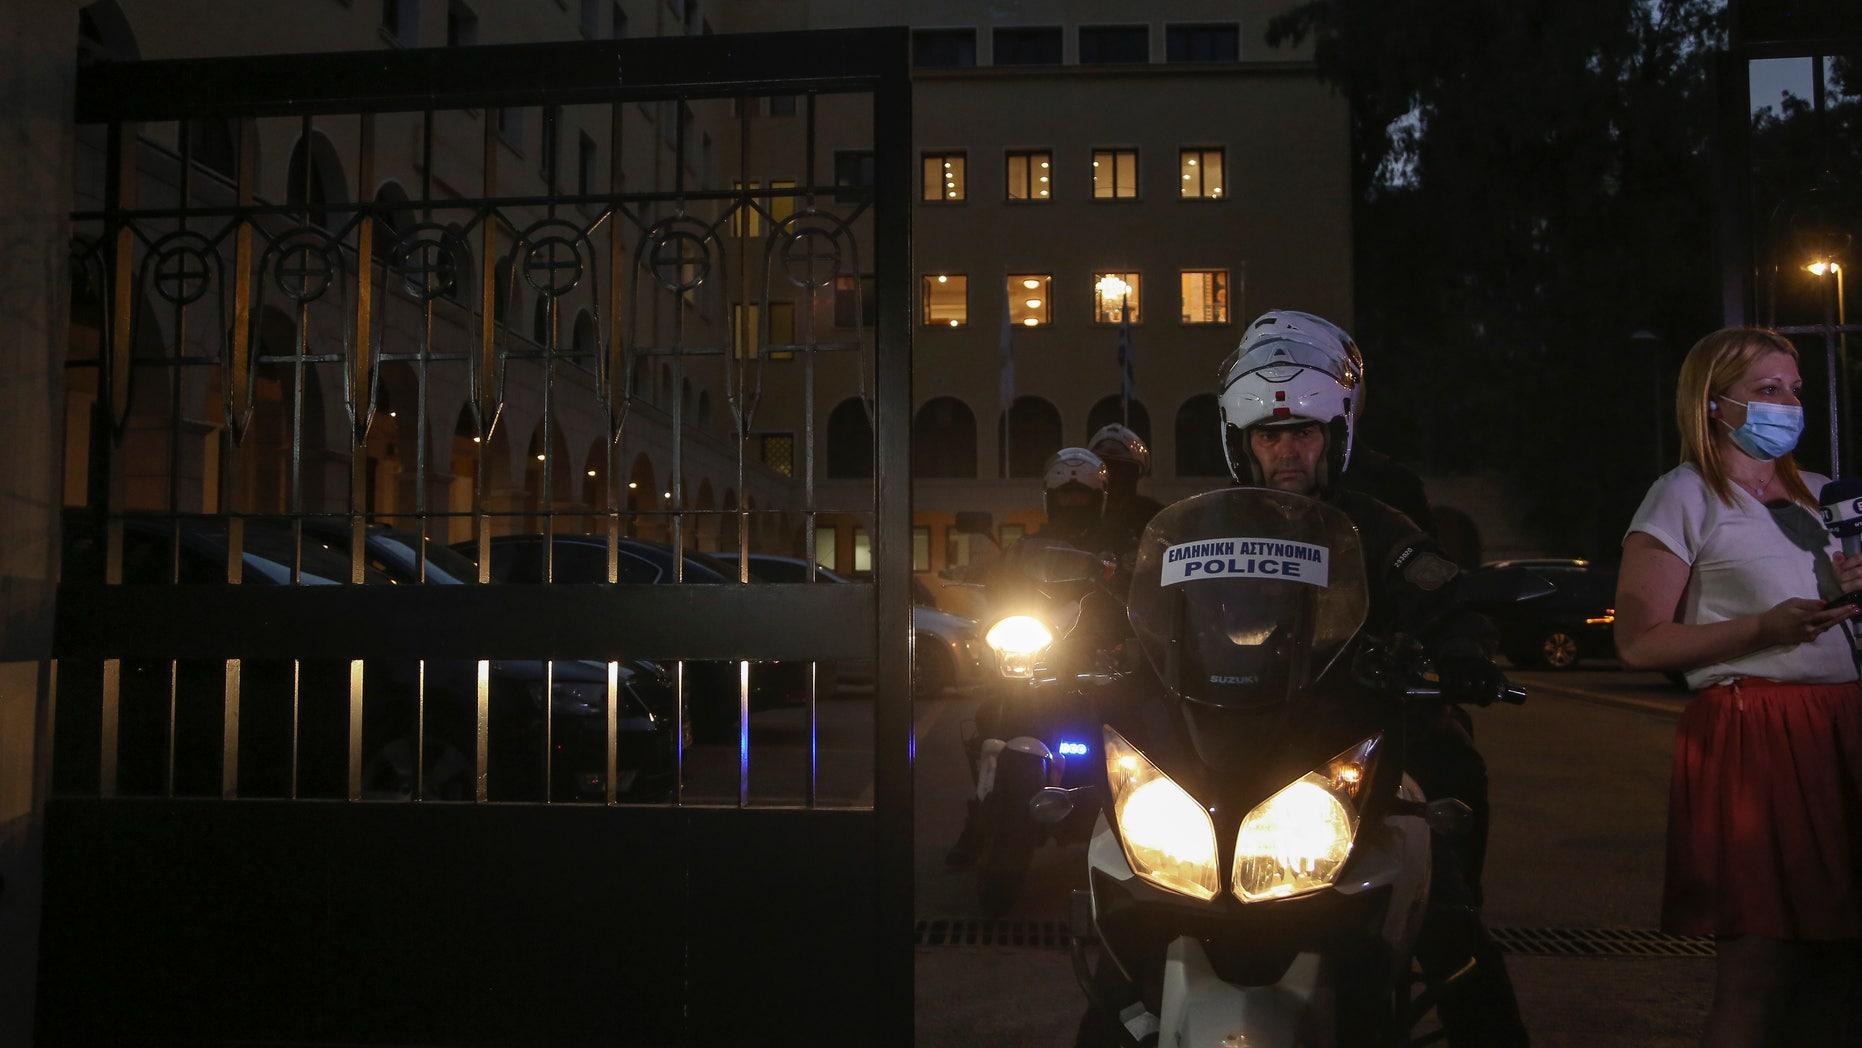 Cảnh sát bên ngoài Tu viện Petraki tại Athens, Hy Lạp, sau vụ tấn công bằng chất lỏng ăn mòn da hôm 23/6. Ảnh: AP.